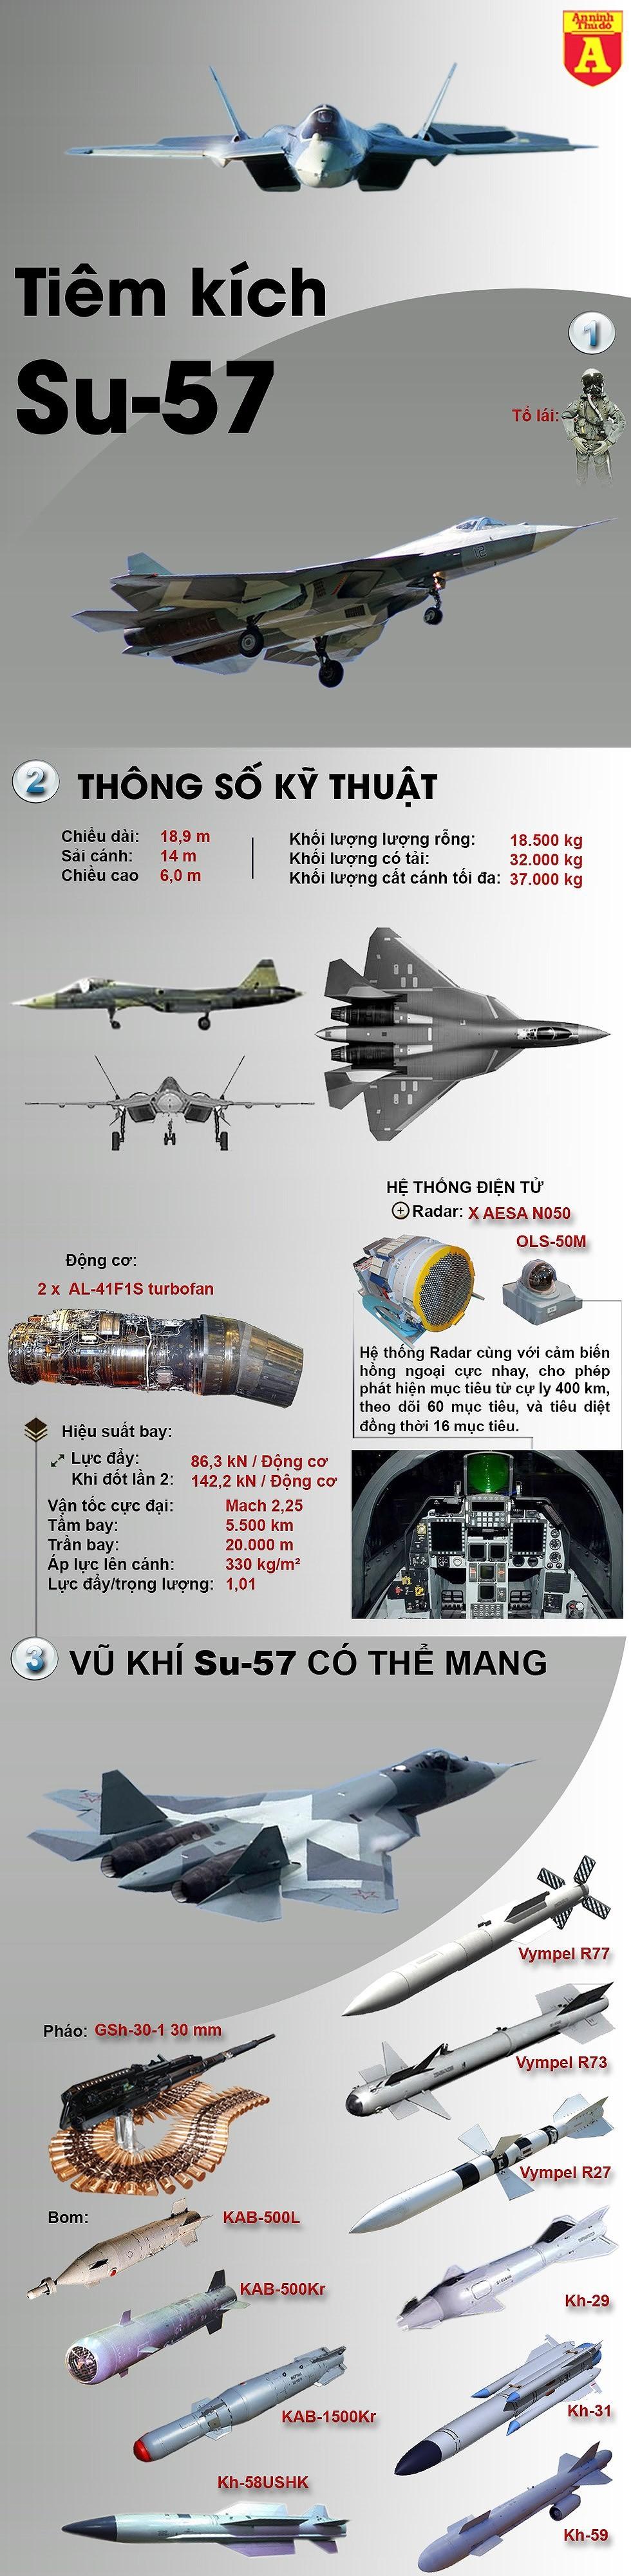 [Info] Su-57 thiếu động cơ, Nga khó chào hàng Thổ Nhĩ Kỳ ảnh 2